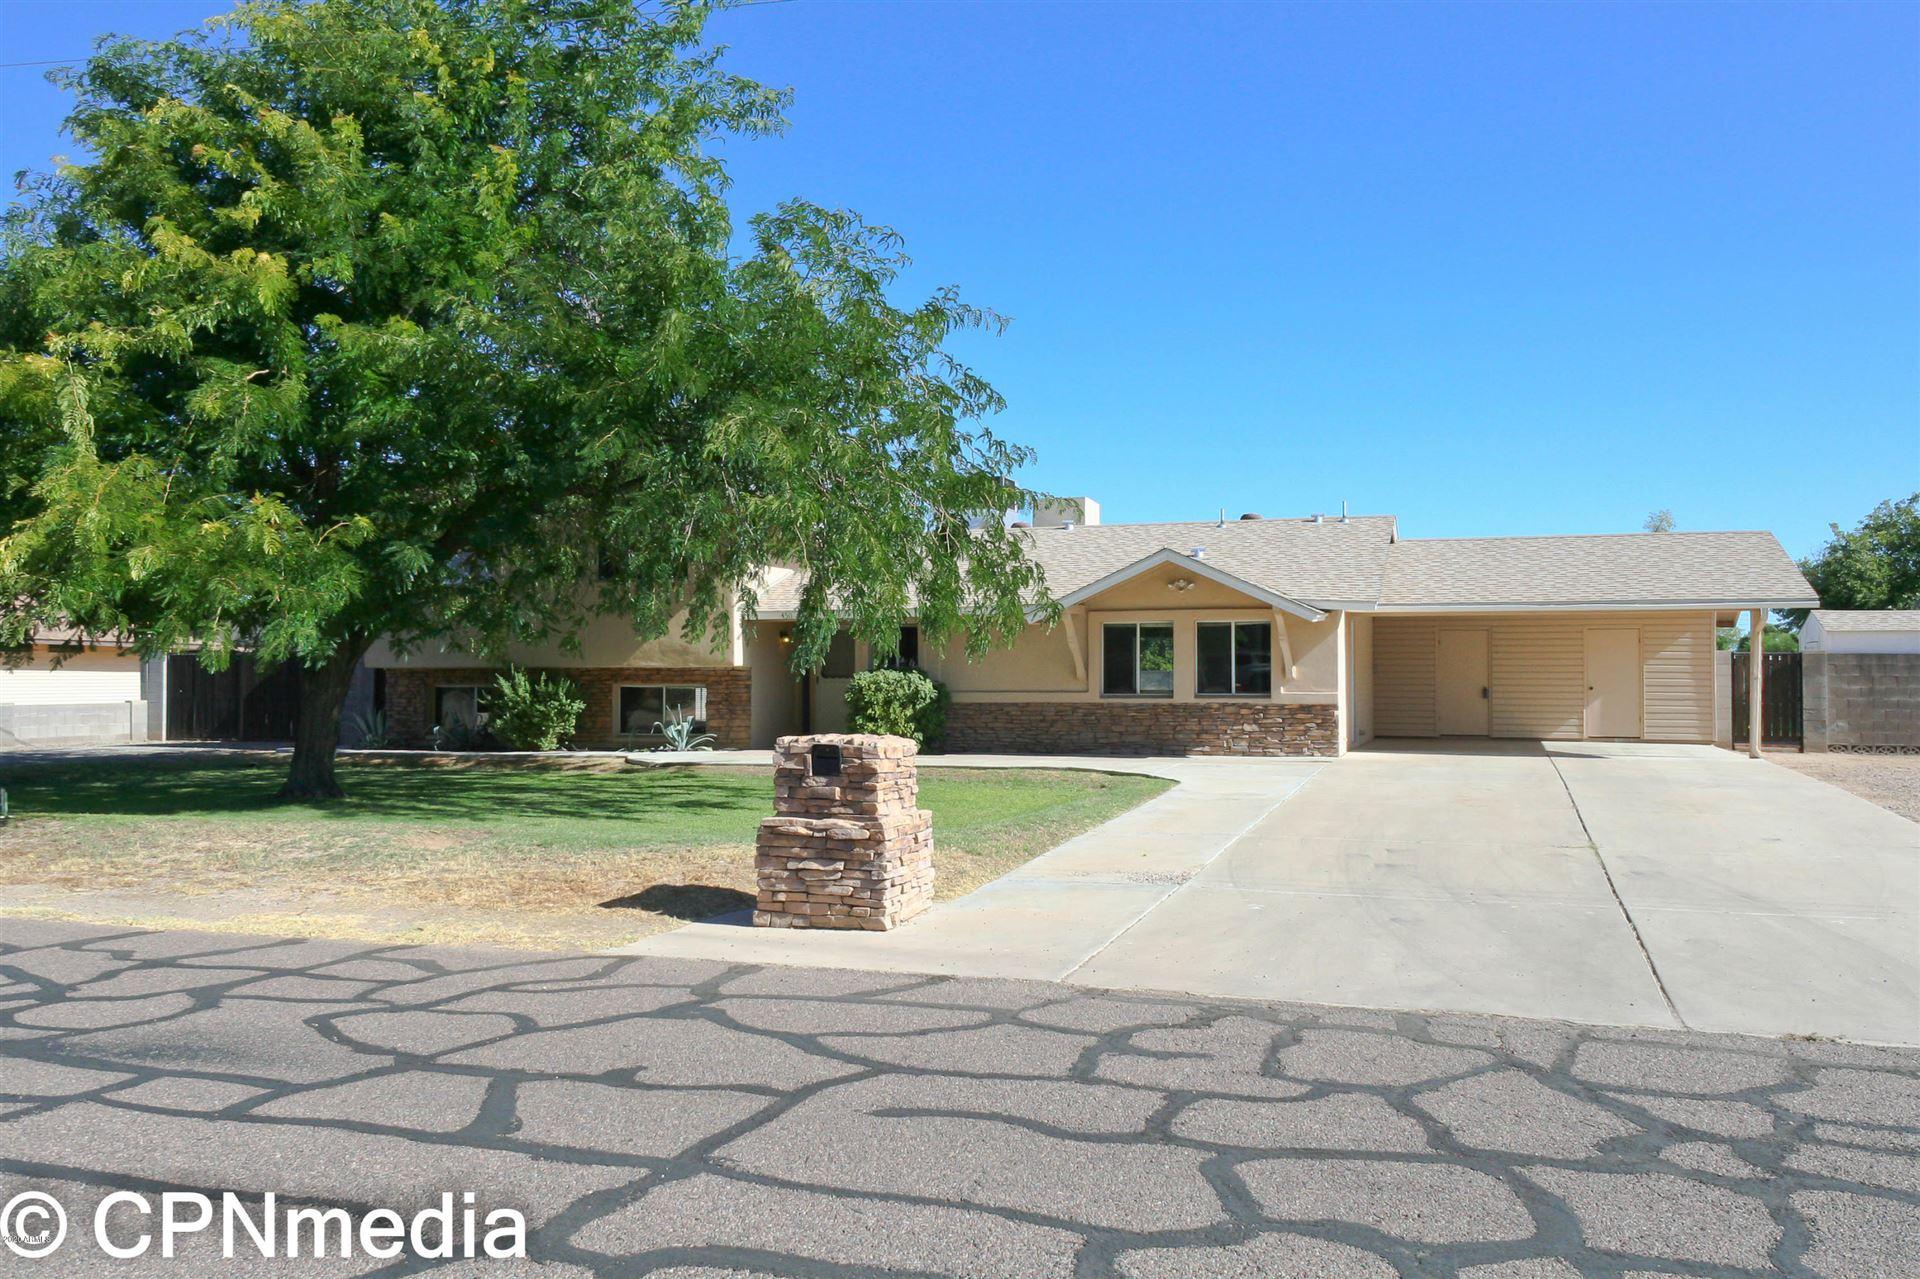 4511 W WALTANN Lane, Glendale, AZ 85306 - #: 6098607